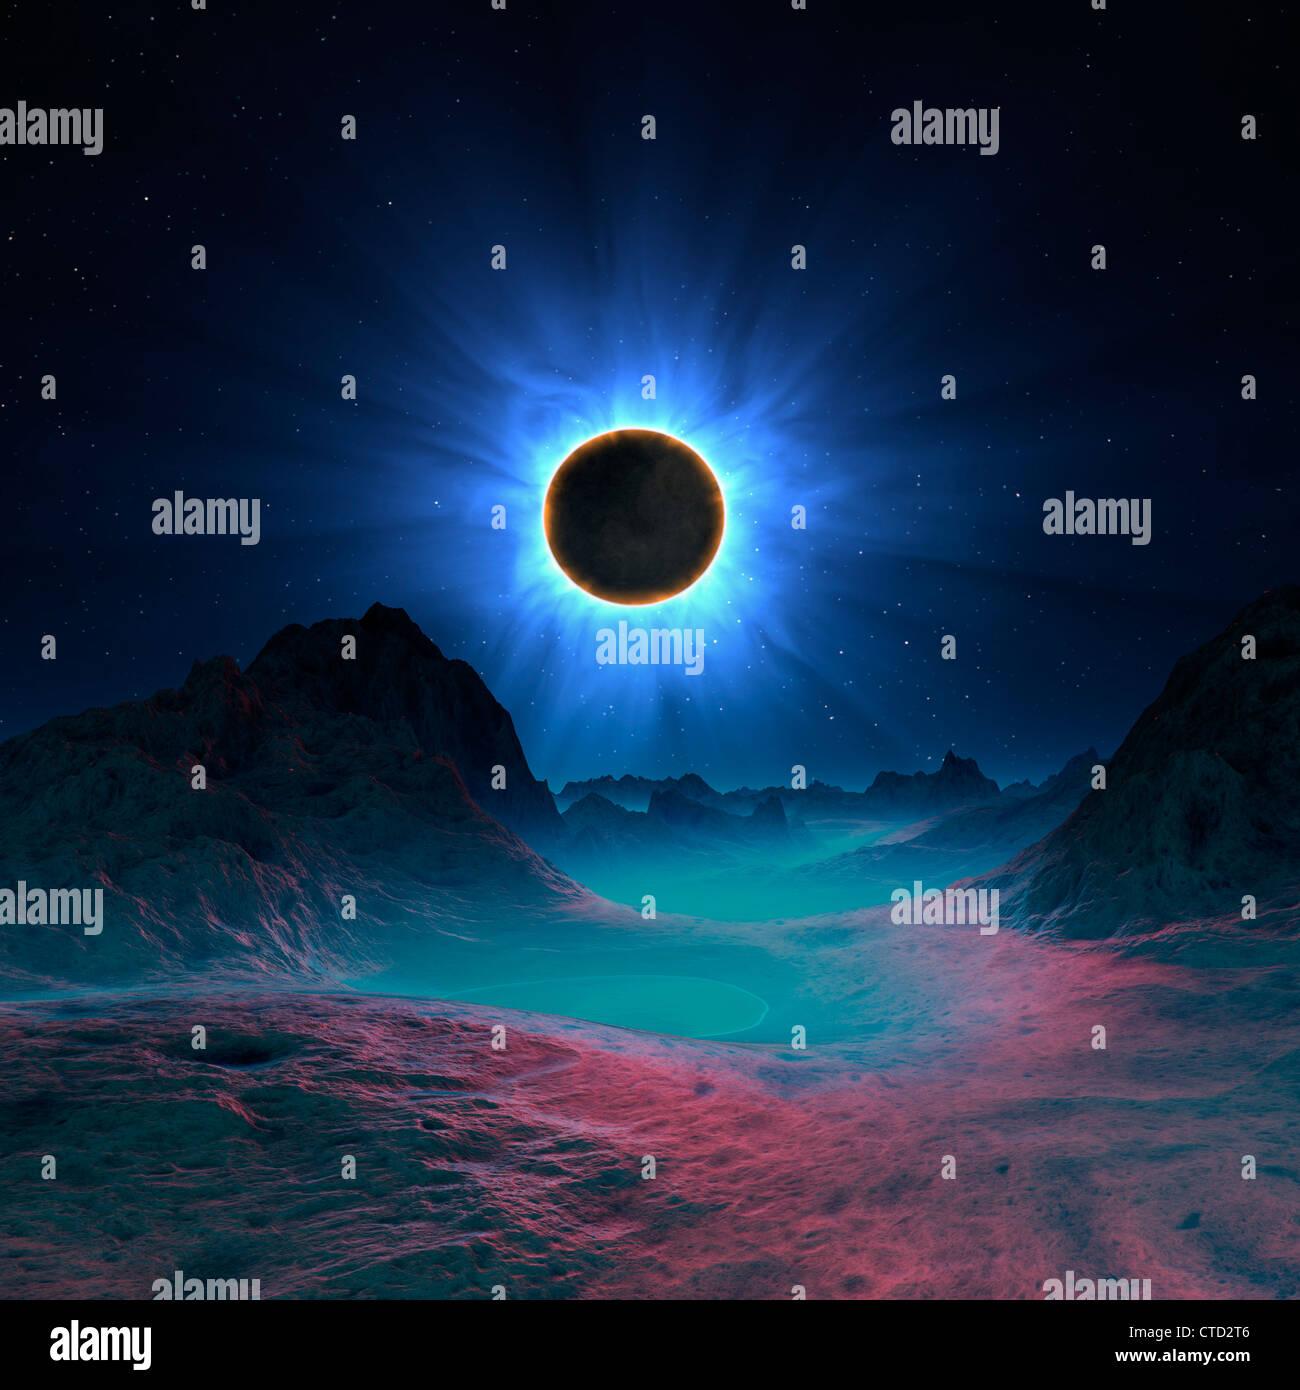 solar system alien concept - photo #42